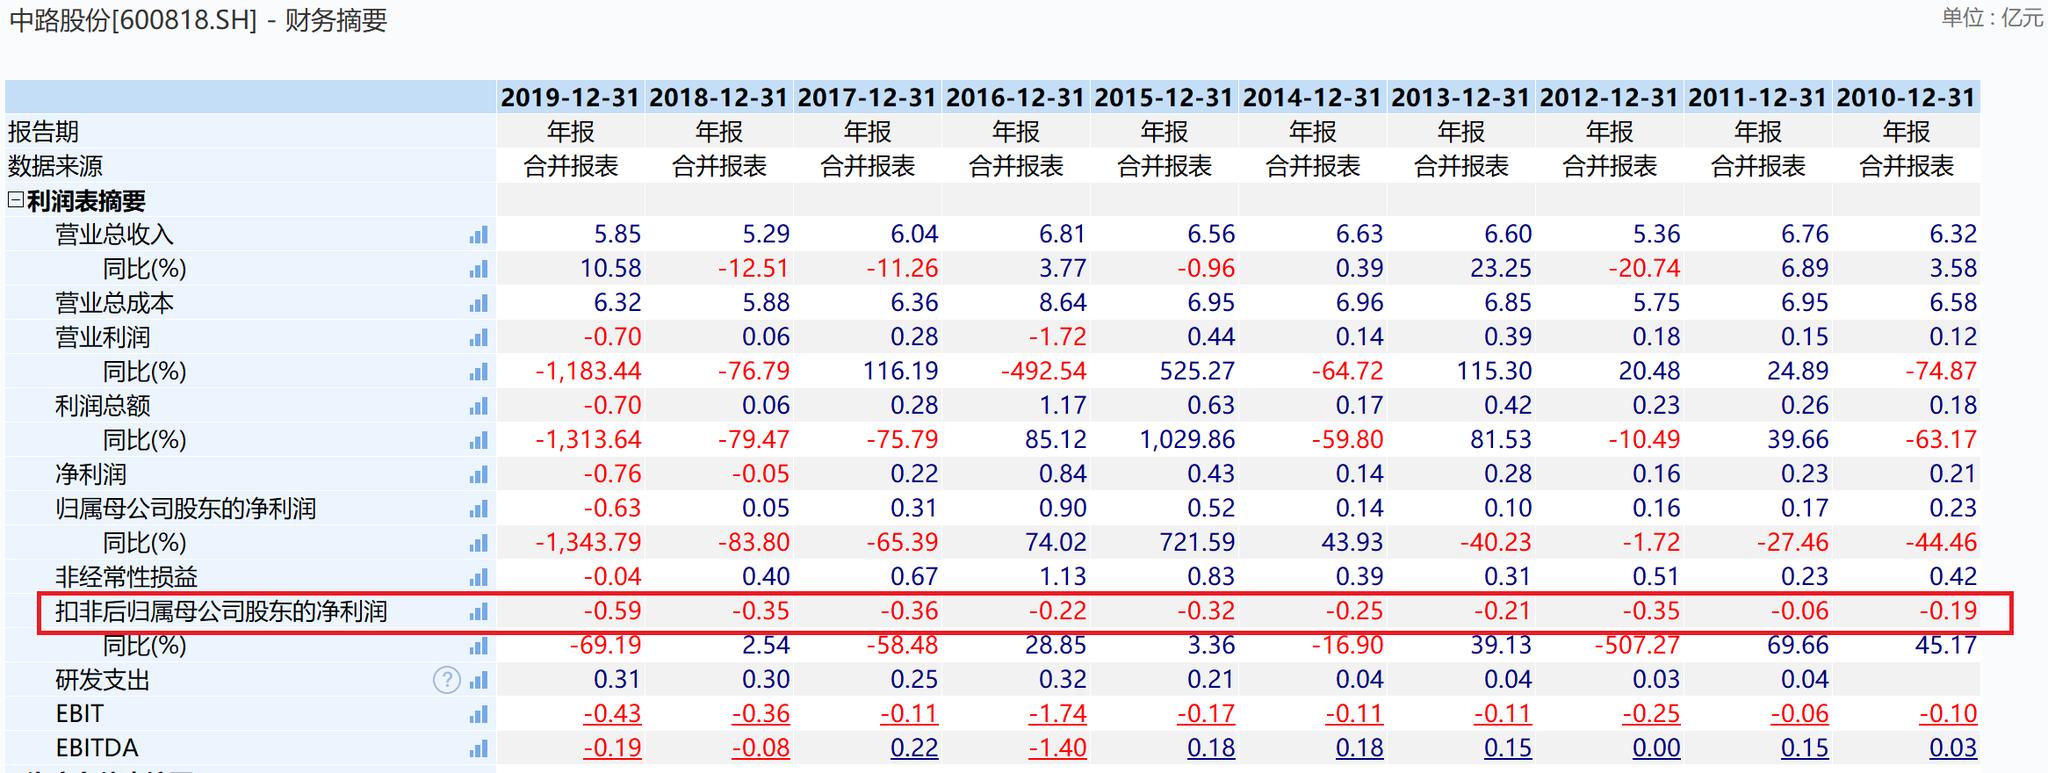 中路股份扣非净利润连年折本 图片来源:Wind截图